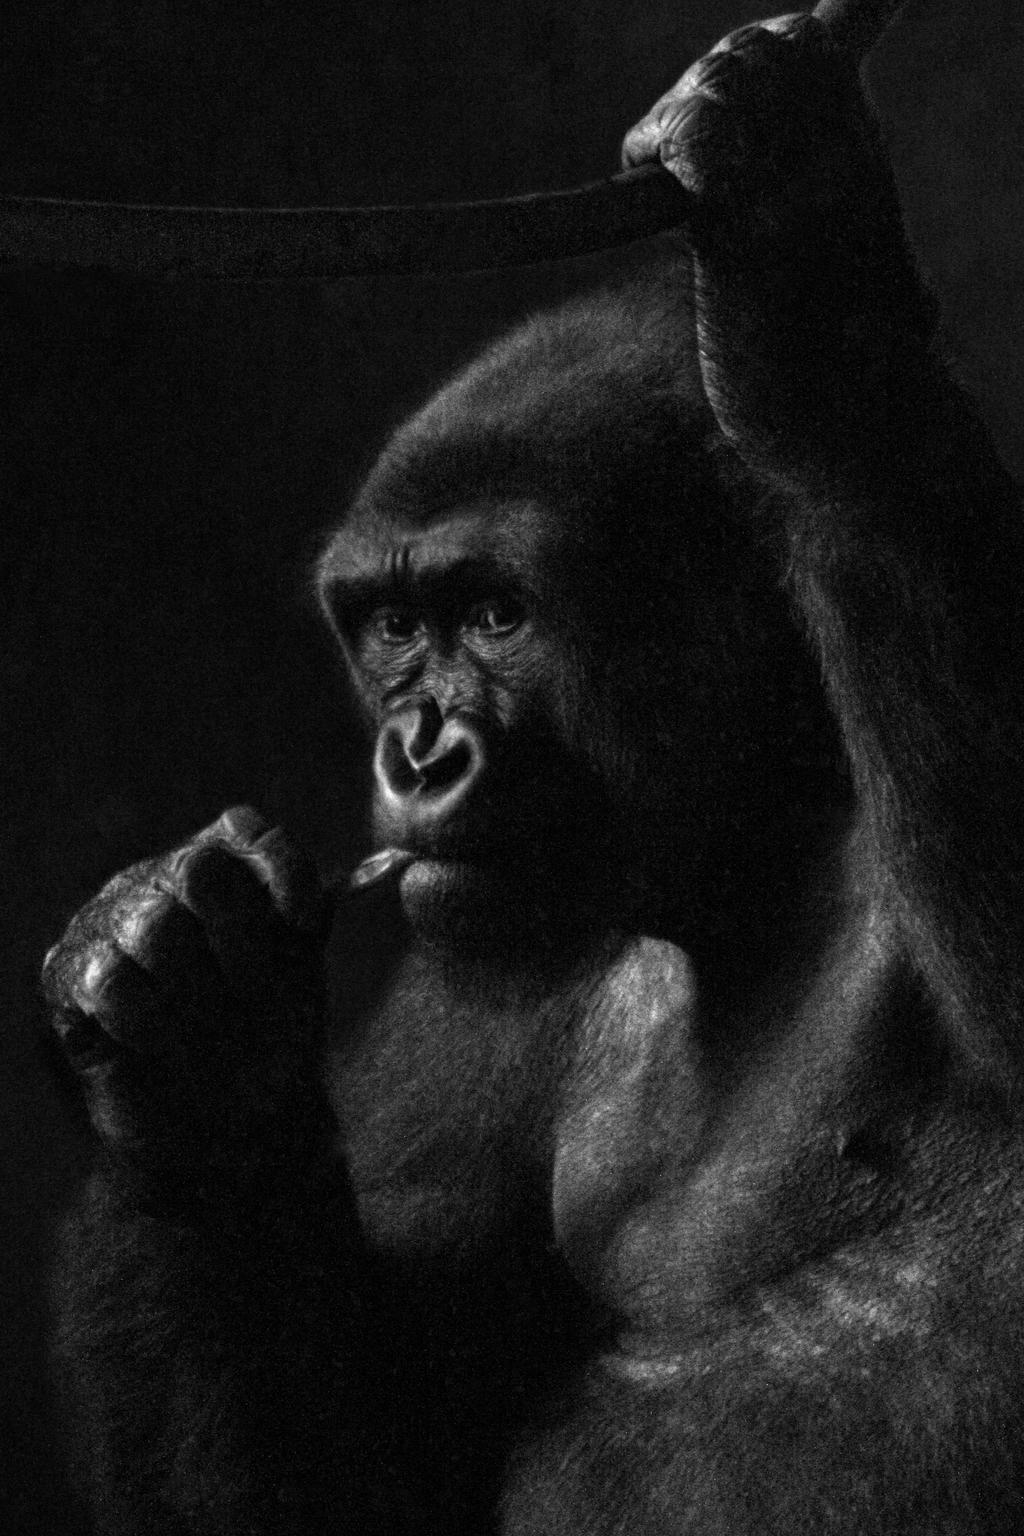 Gorilla in the Dark 01 by s-kmp